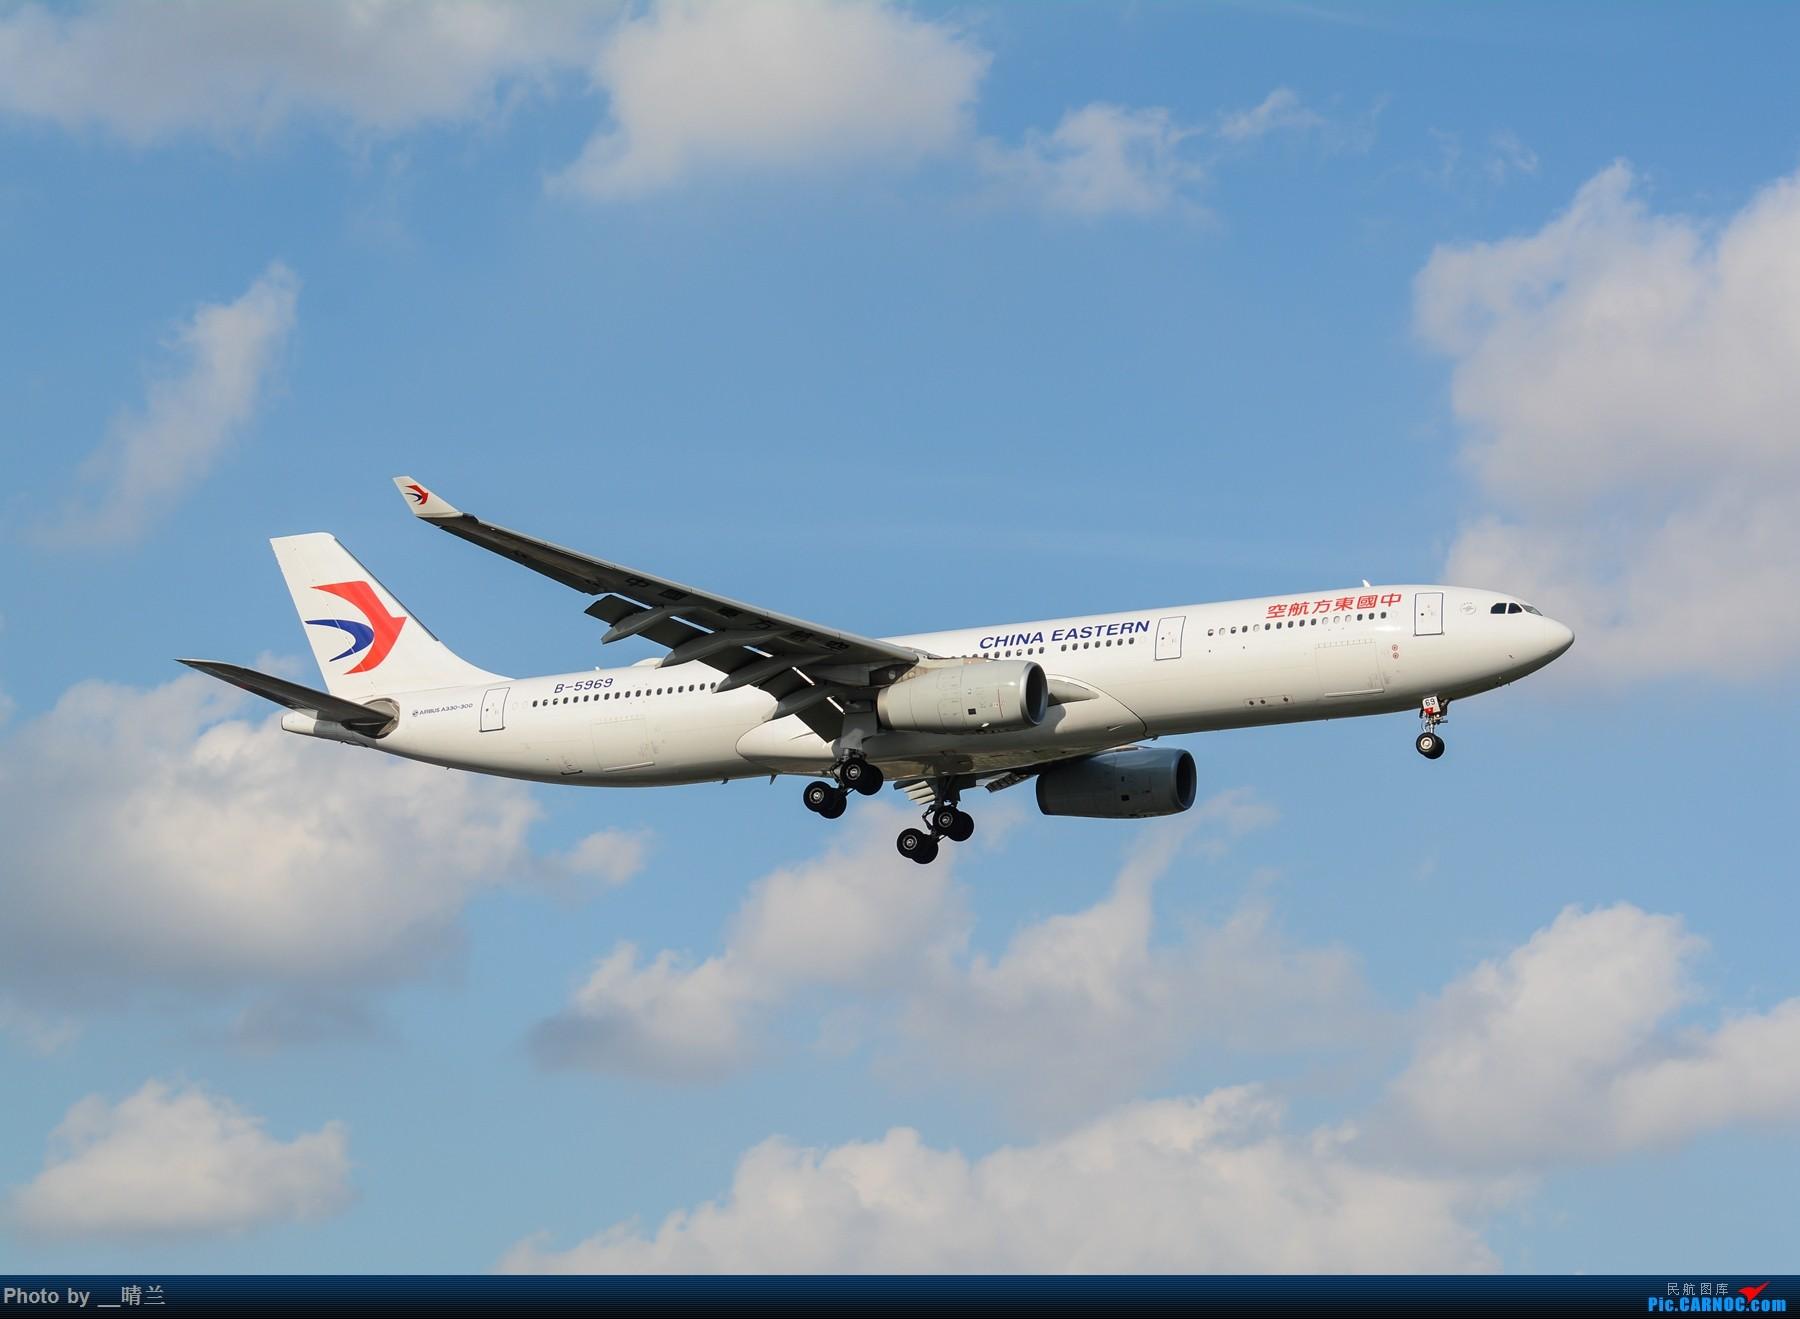 Re:[原创]果然昨天发了图,今天SHA就是大蓝天~~最开心的事莫过于基友们一起拍机! AIRBUS A330-300 B-5969 中国上海虹桥国际机场